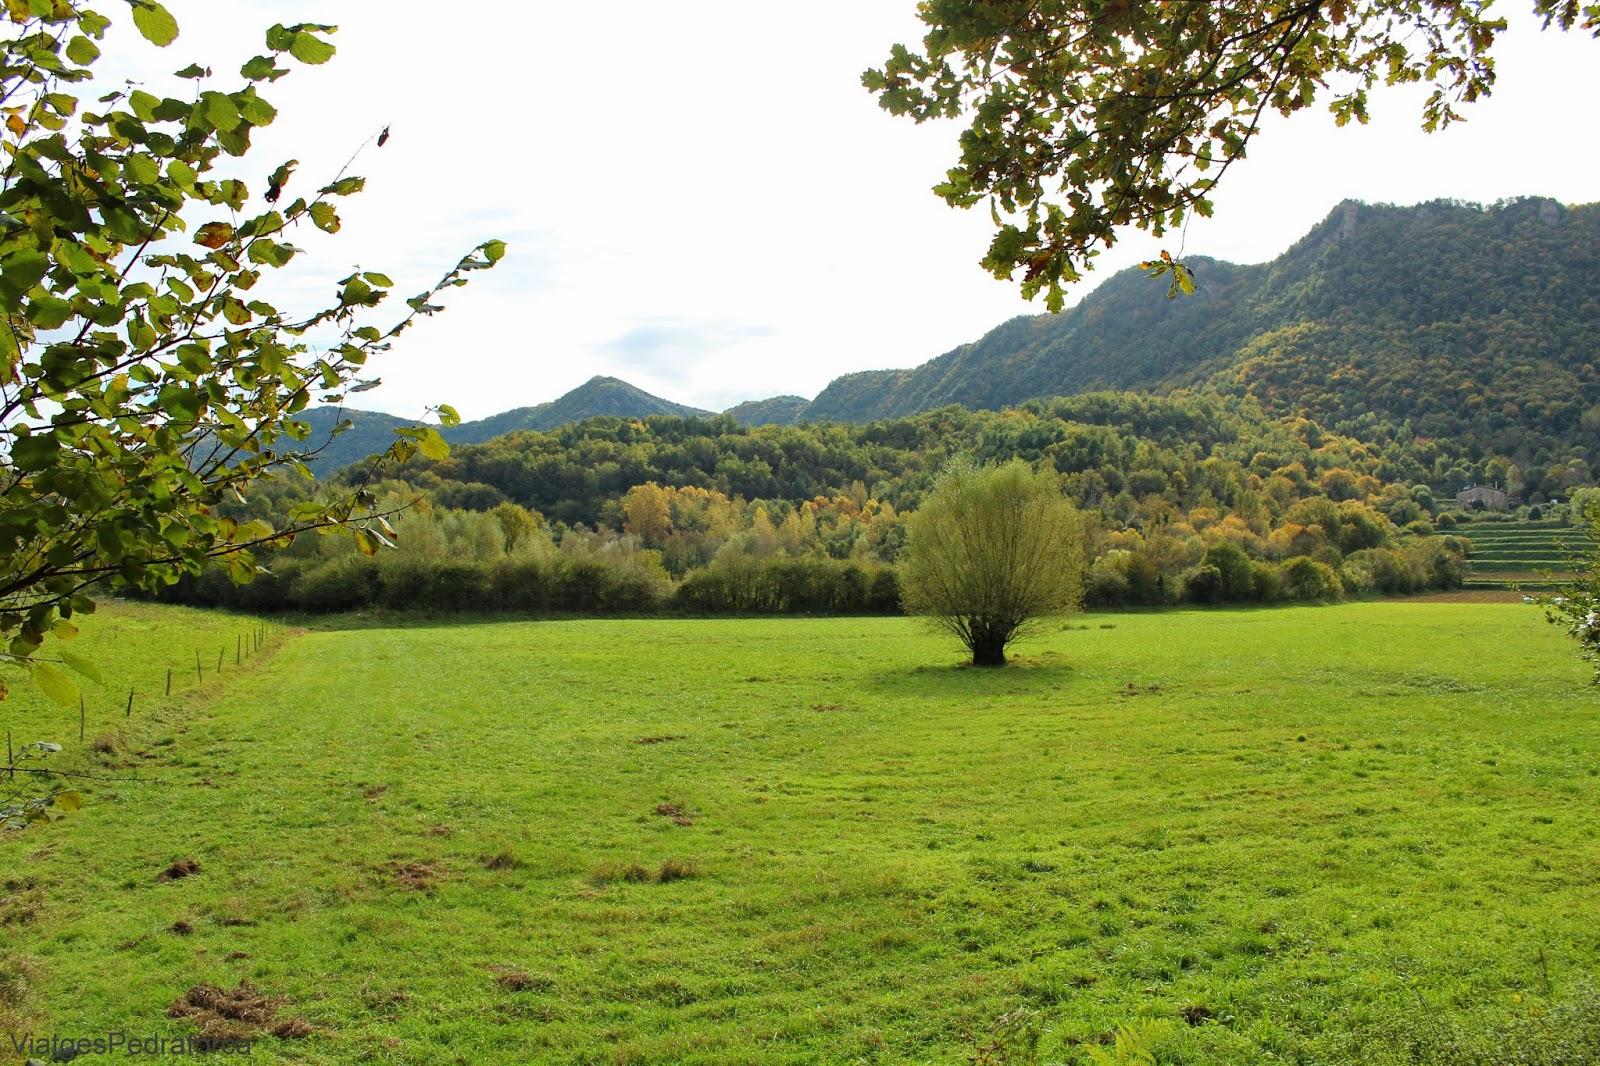 Parc natural de la Zona Volcanica de la Garrotxa tardor